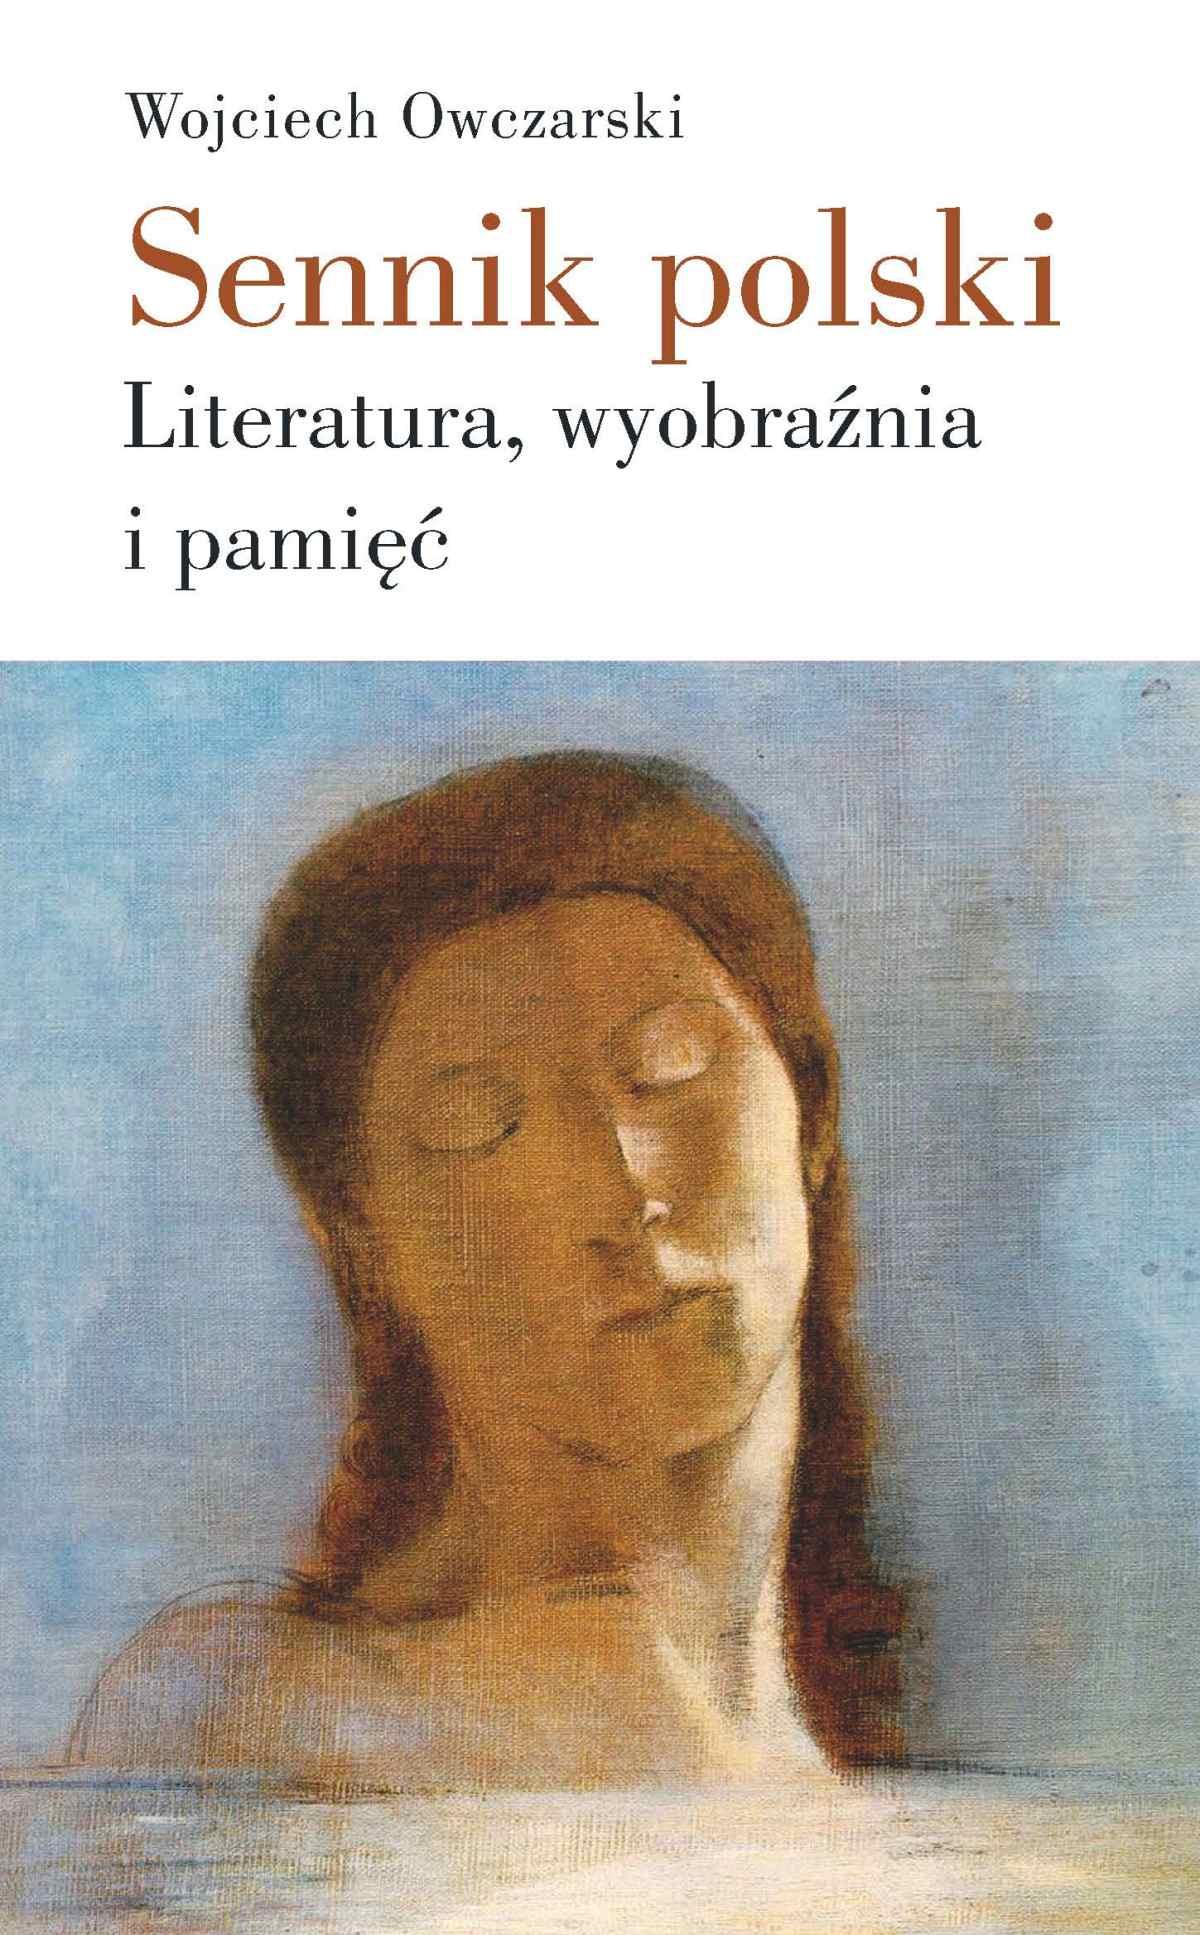 Sennik polski. Literatura, wyobraźnia i pamięć - Ebook (Książka na Kindle) do pobrania w formacie MOBI